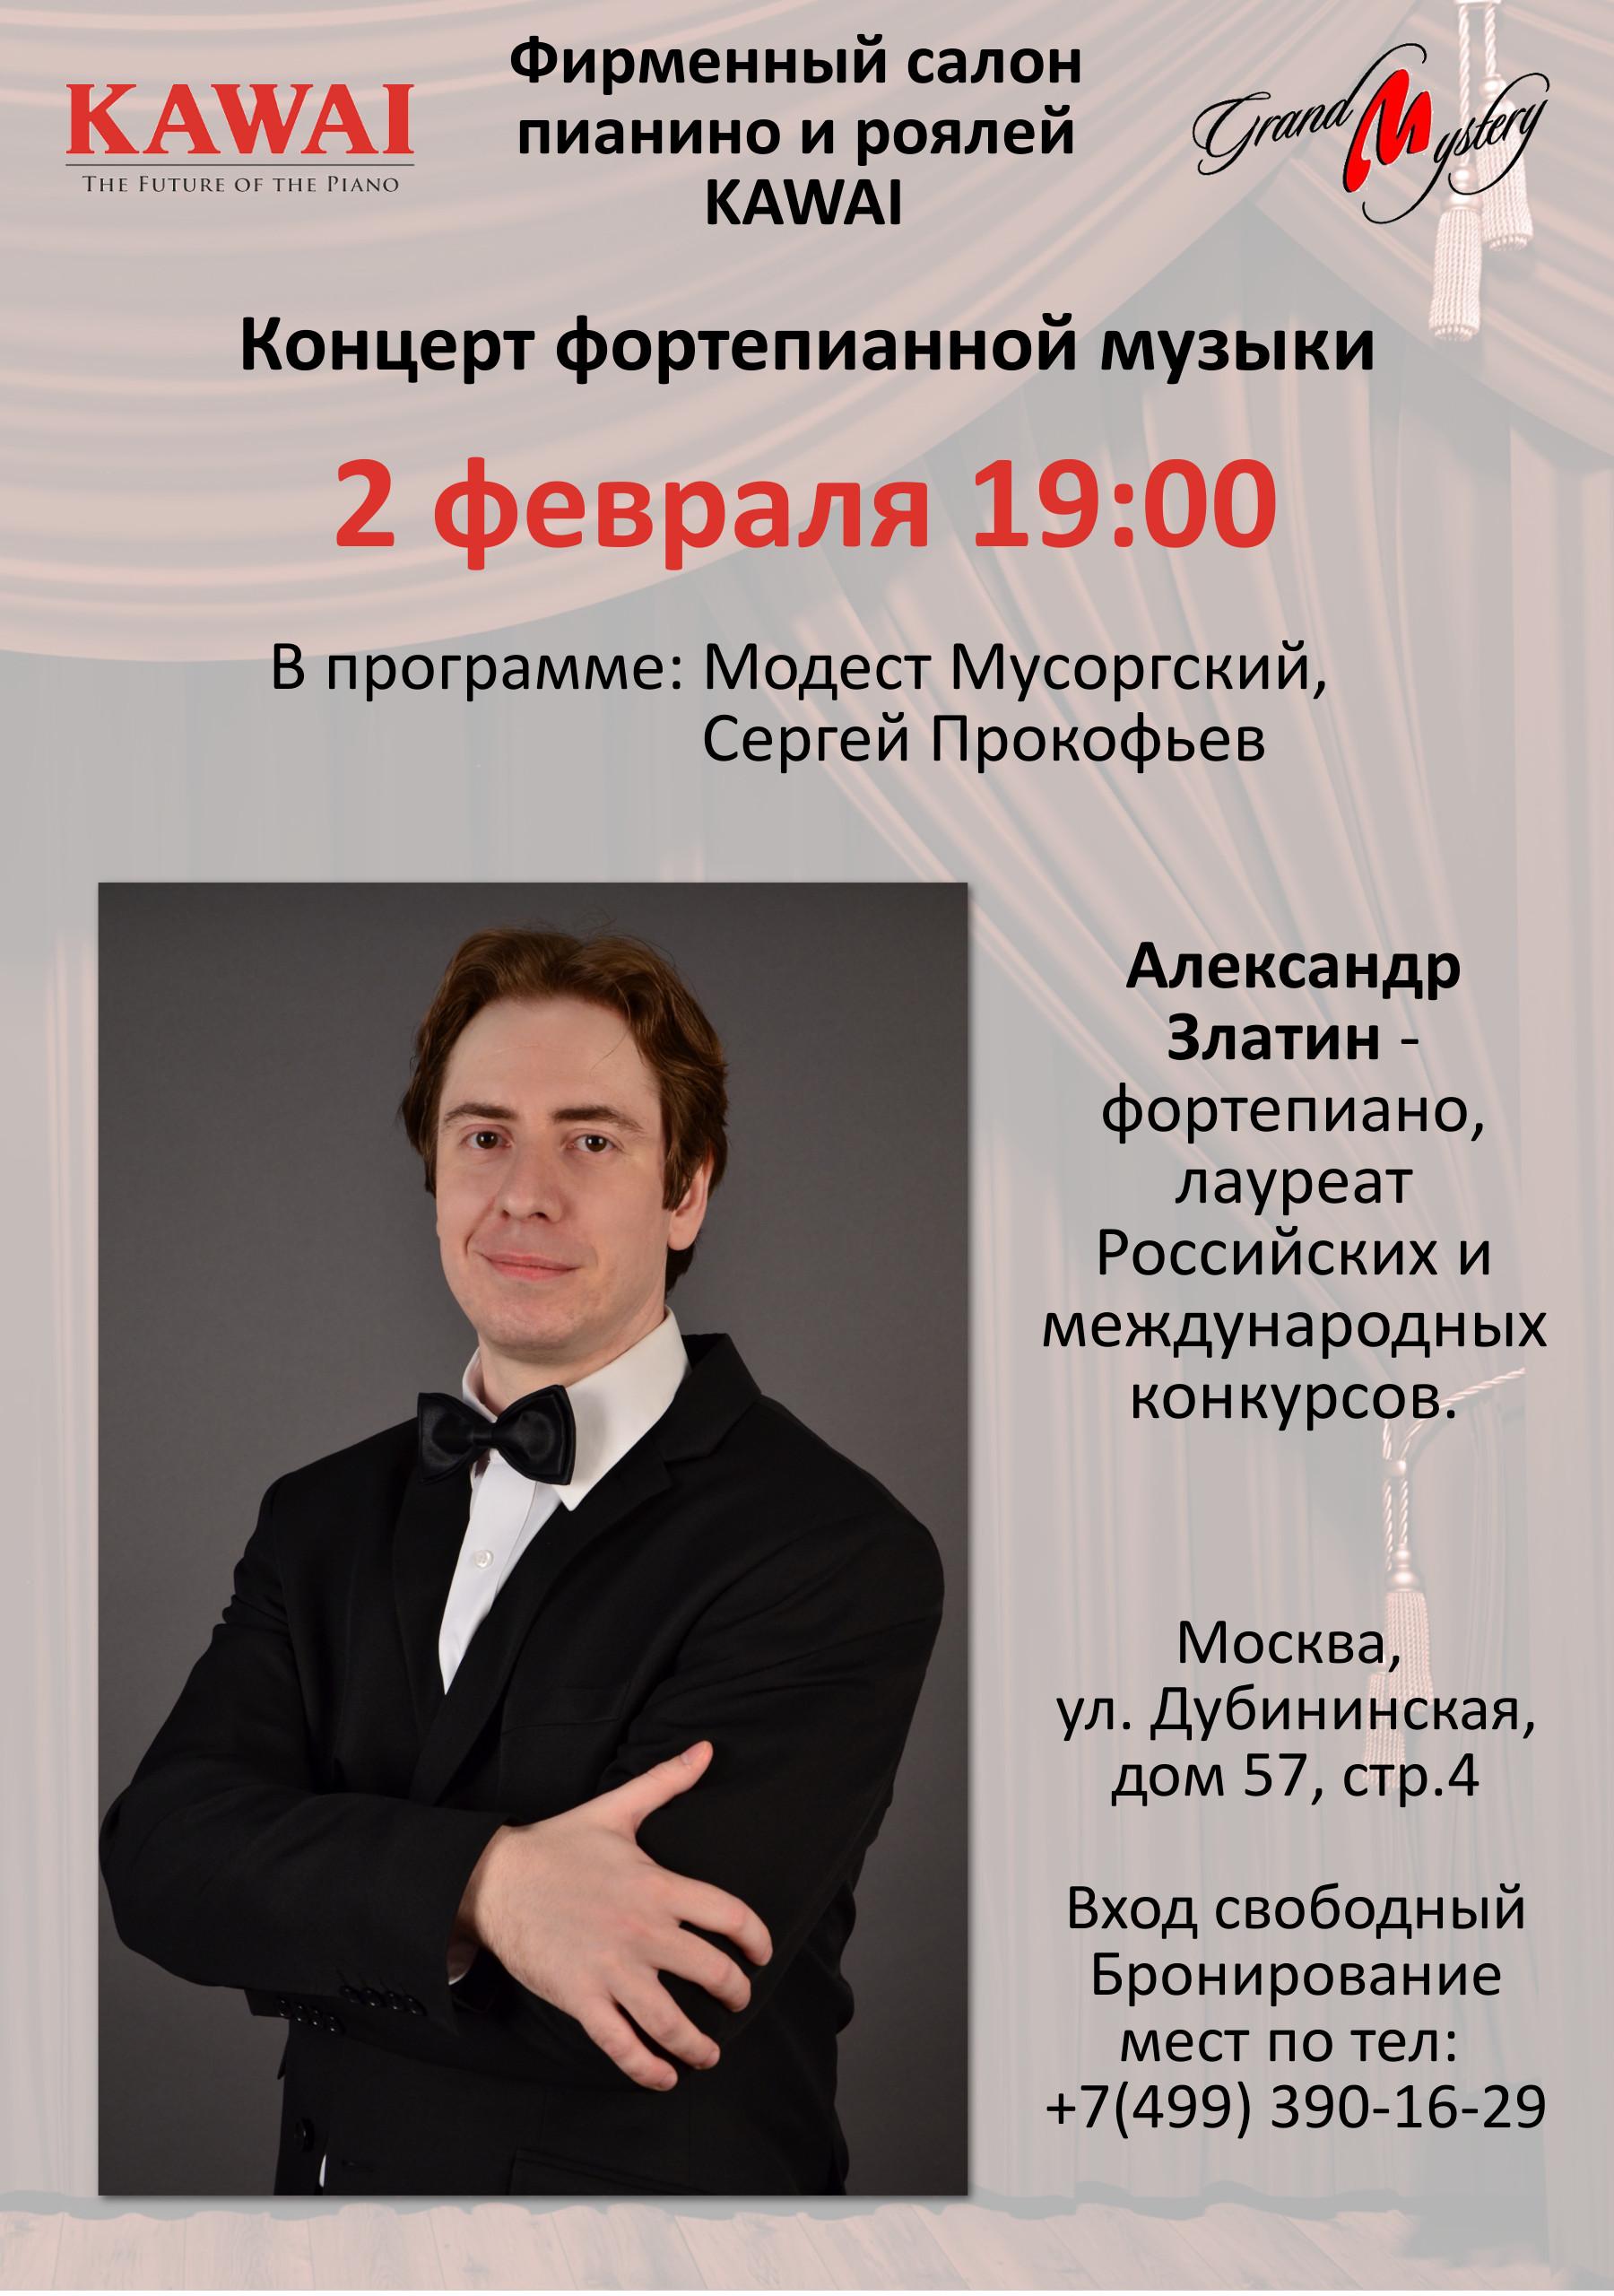 Александр Златин